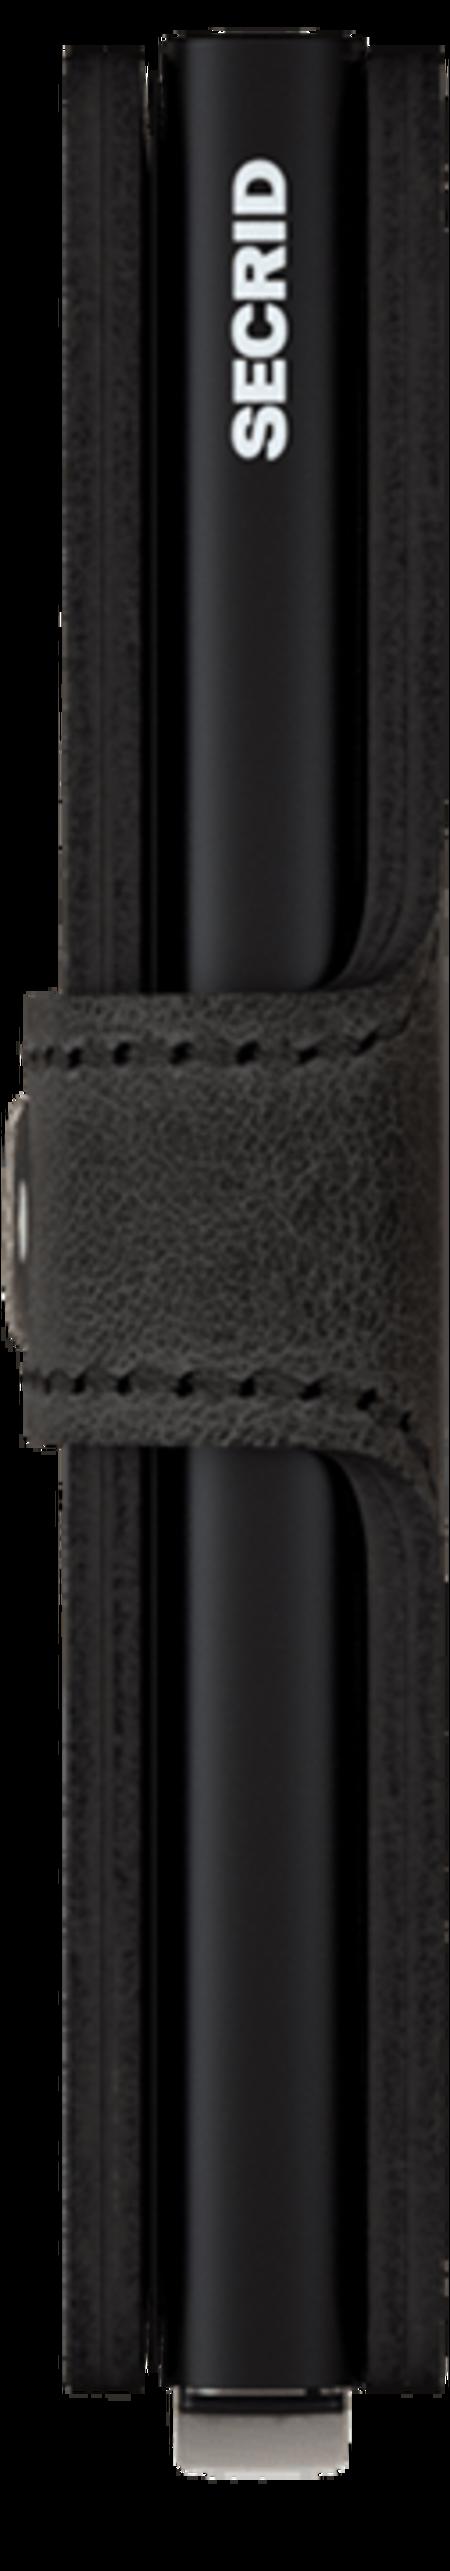 Unisex Secrid Mini Wallet - Vintage Black